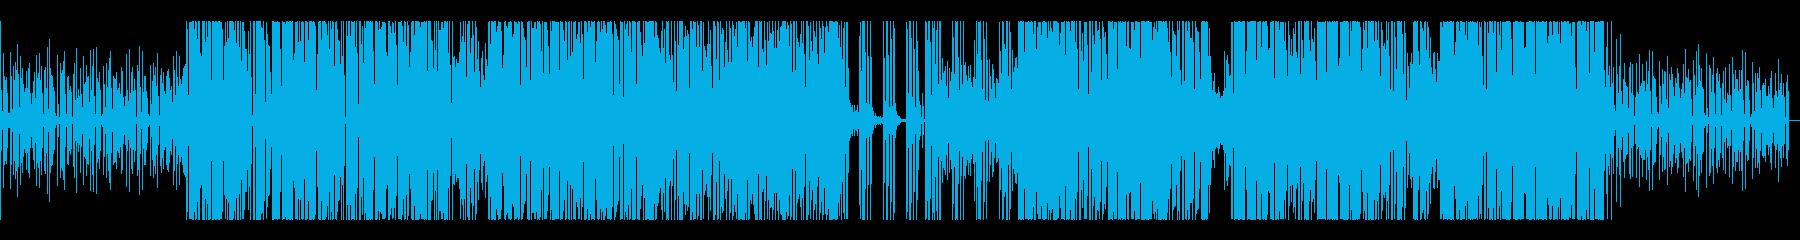 デジタル・ラティーノ・エレクトロの再生済みの波形